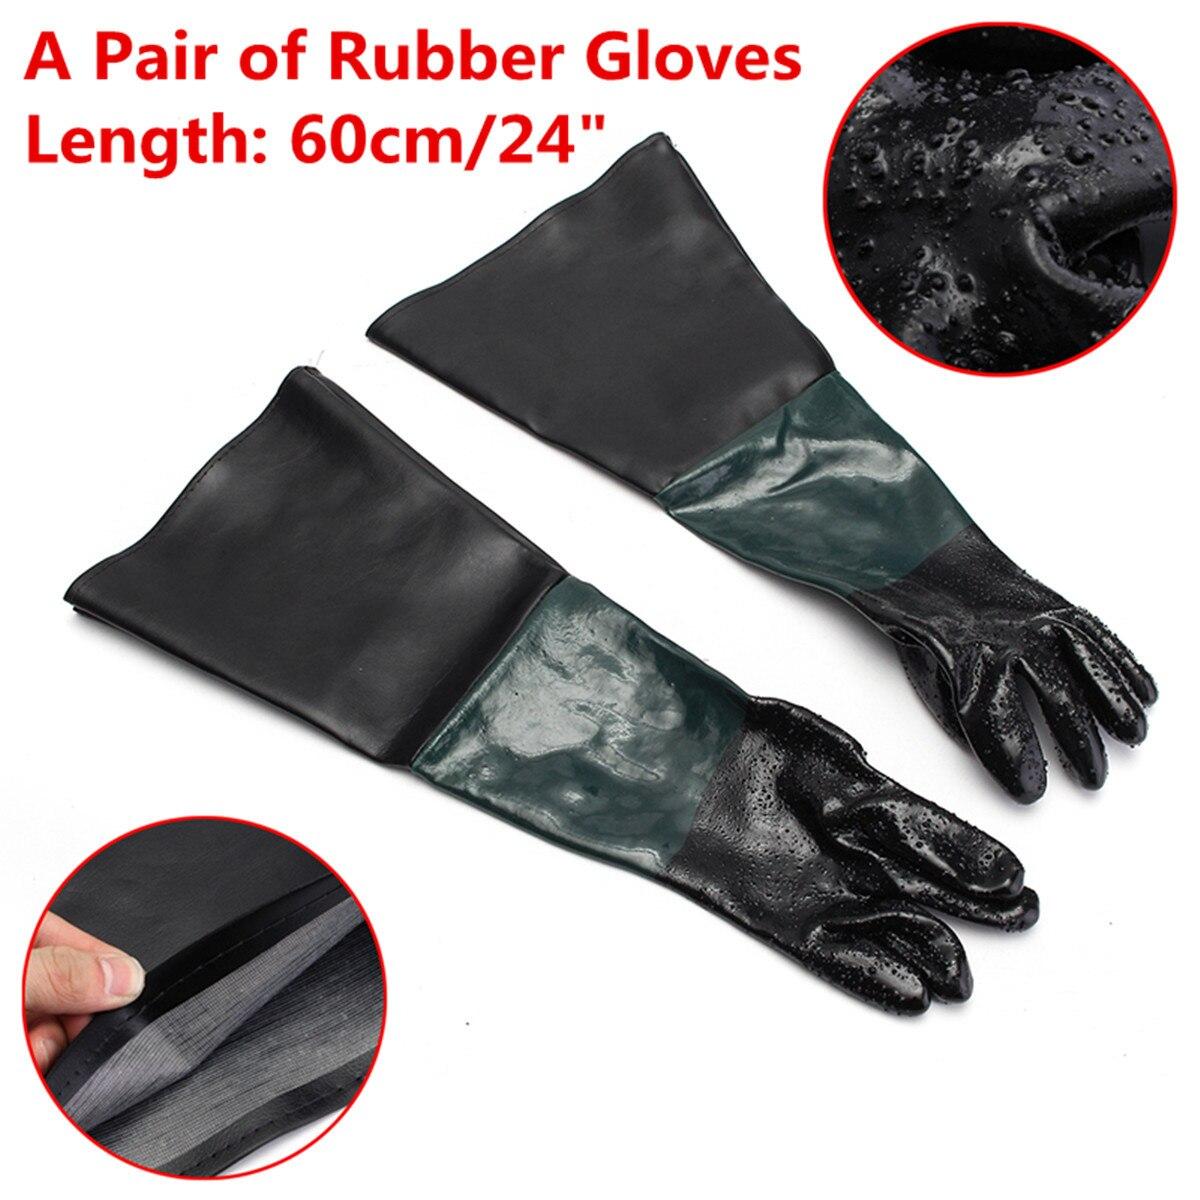 Gloves For Sandblast Cabinets Safety Glove 24''x10'' Rubber Sandblaster Sand Blast Sandblasting  Nitrile Gloves Black